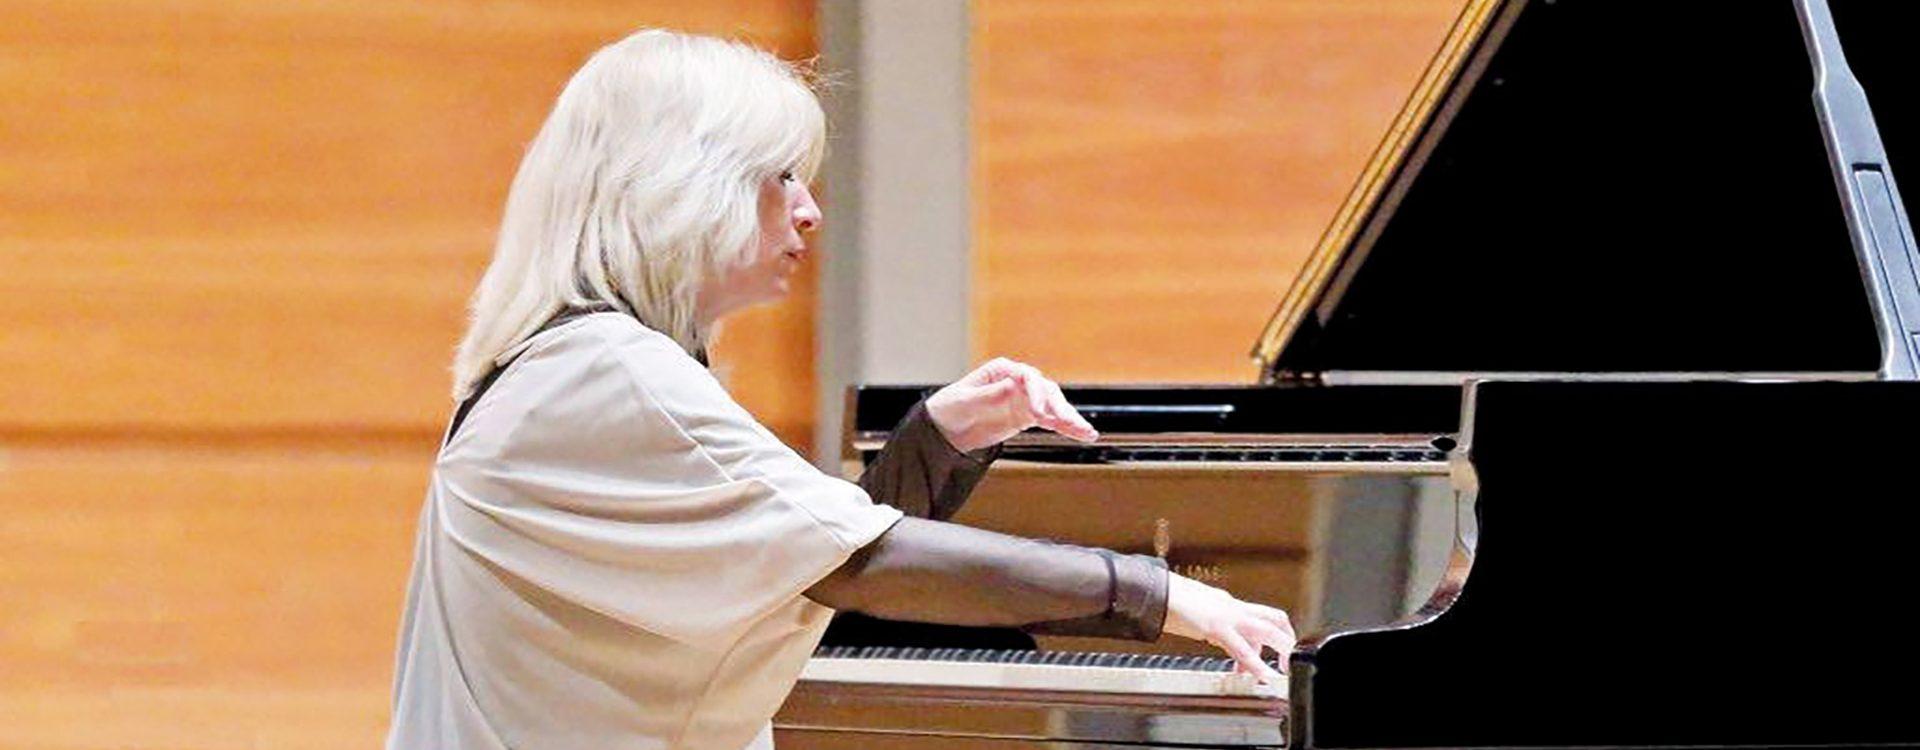 19-marzo_klavierstucke